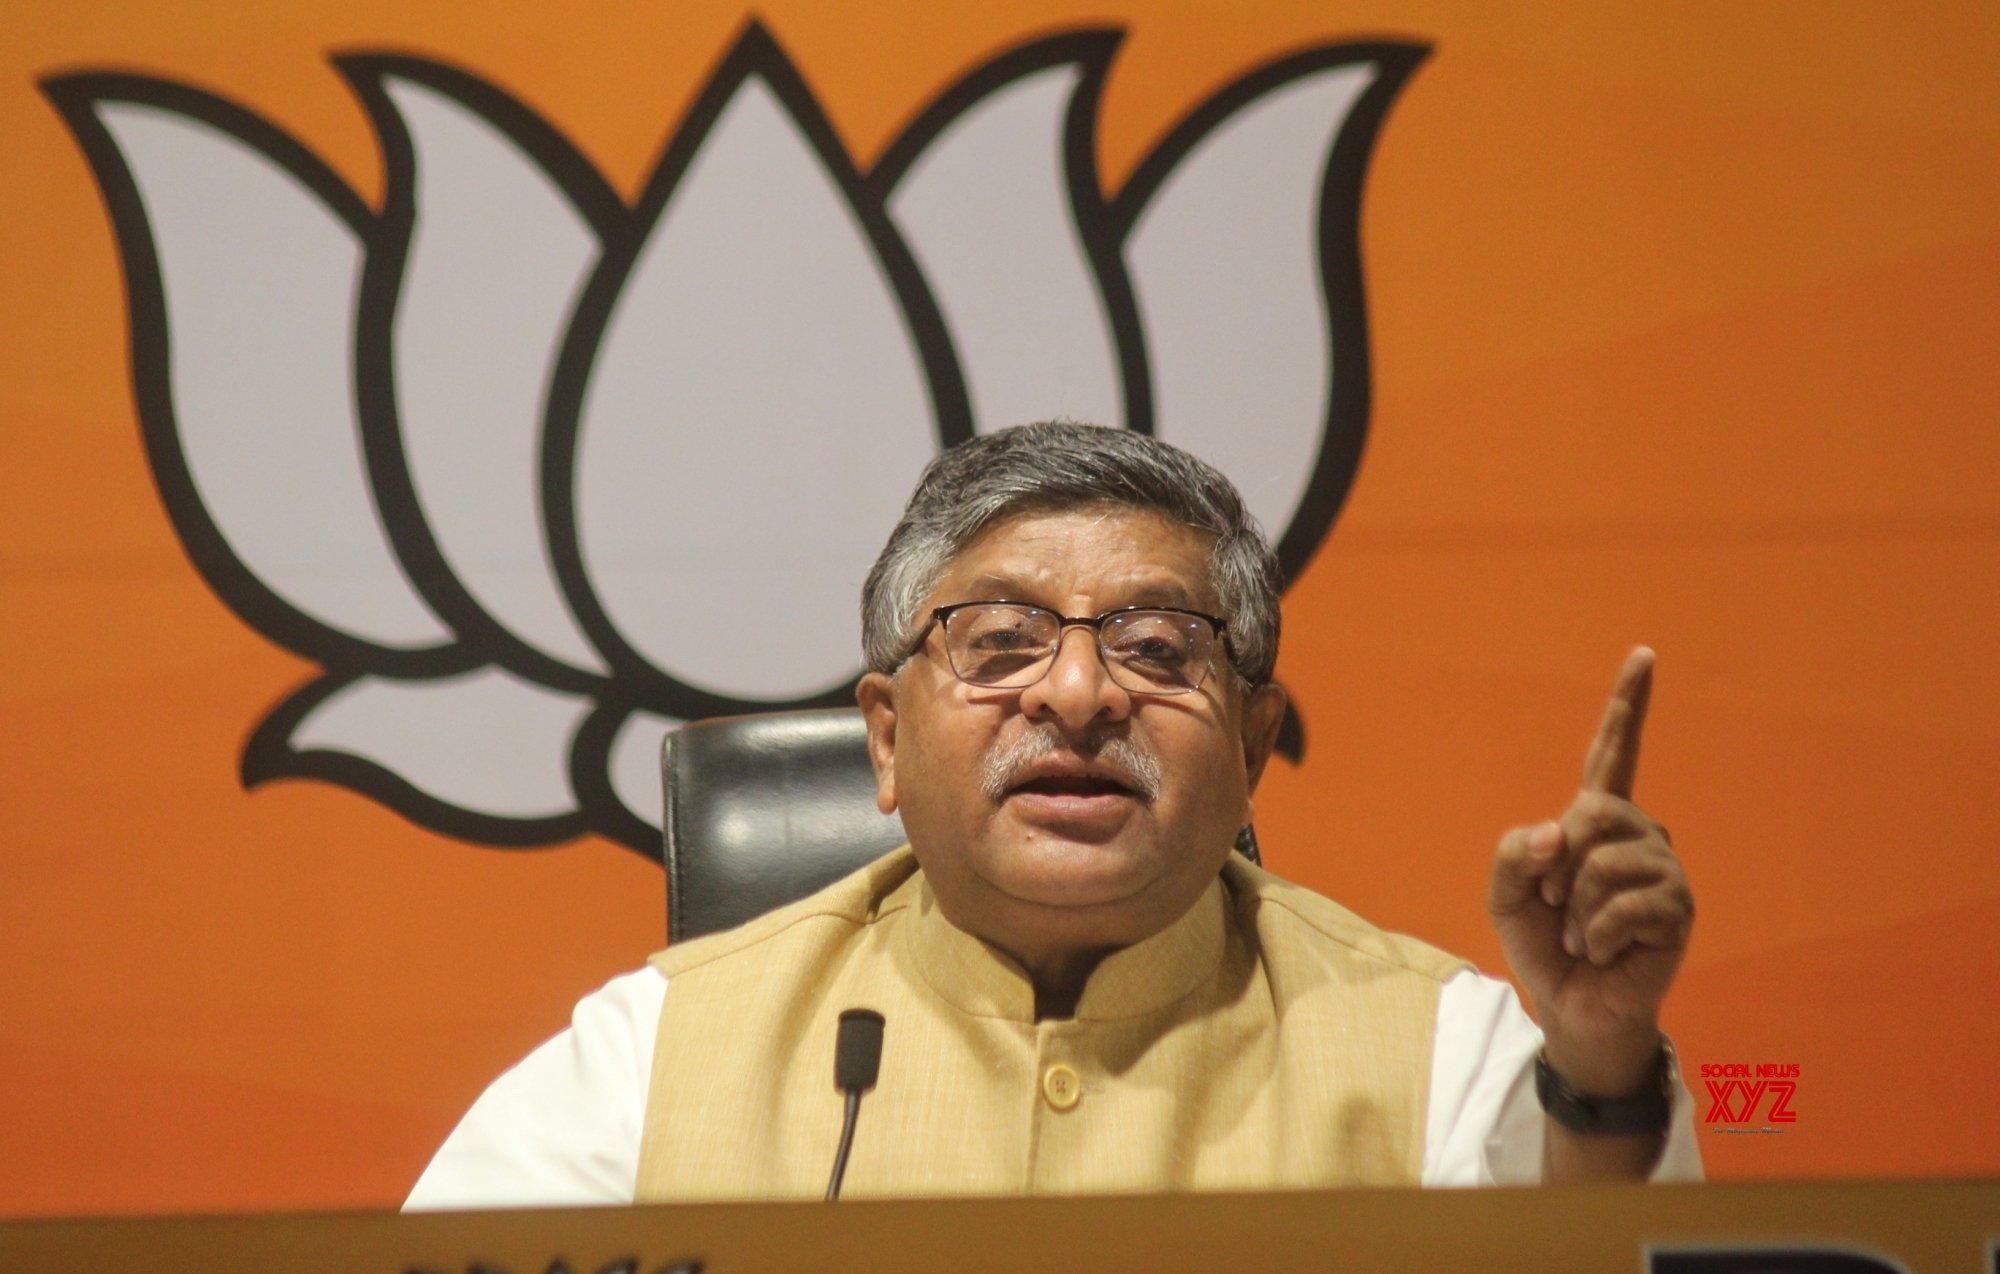 BJP, AAP continue sparring over doorstep ration scheme